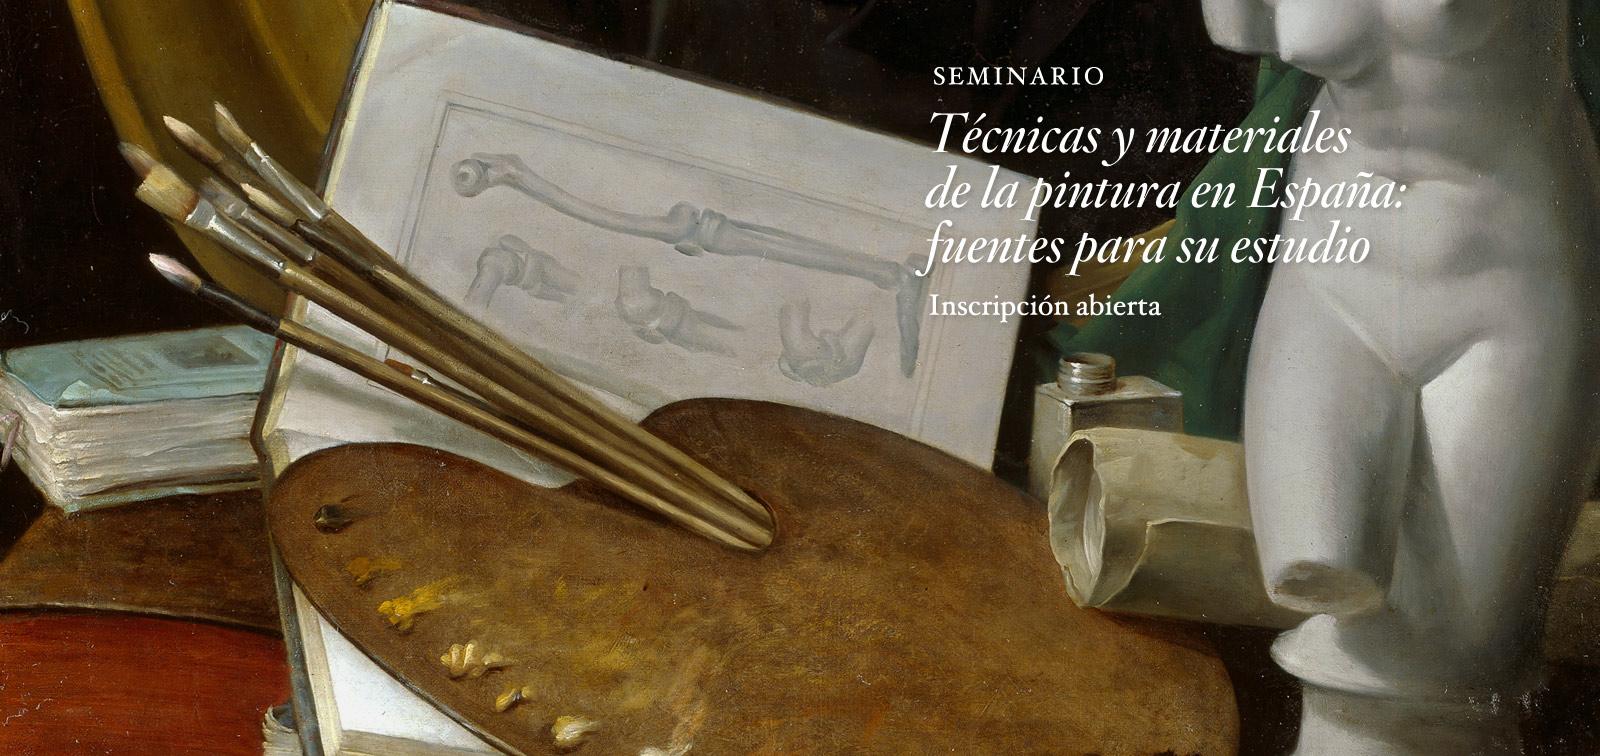 Seminario. Técnicas y materiales de la pintura en España: fuentes para su estudio